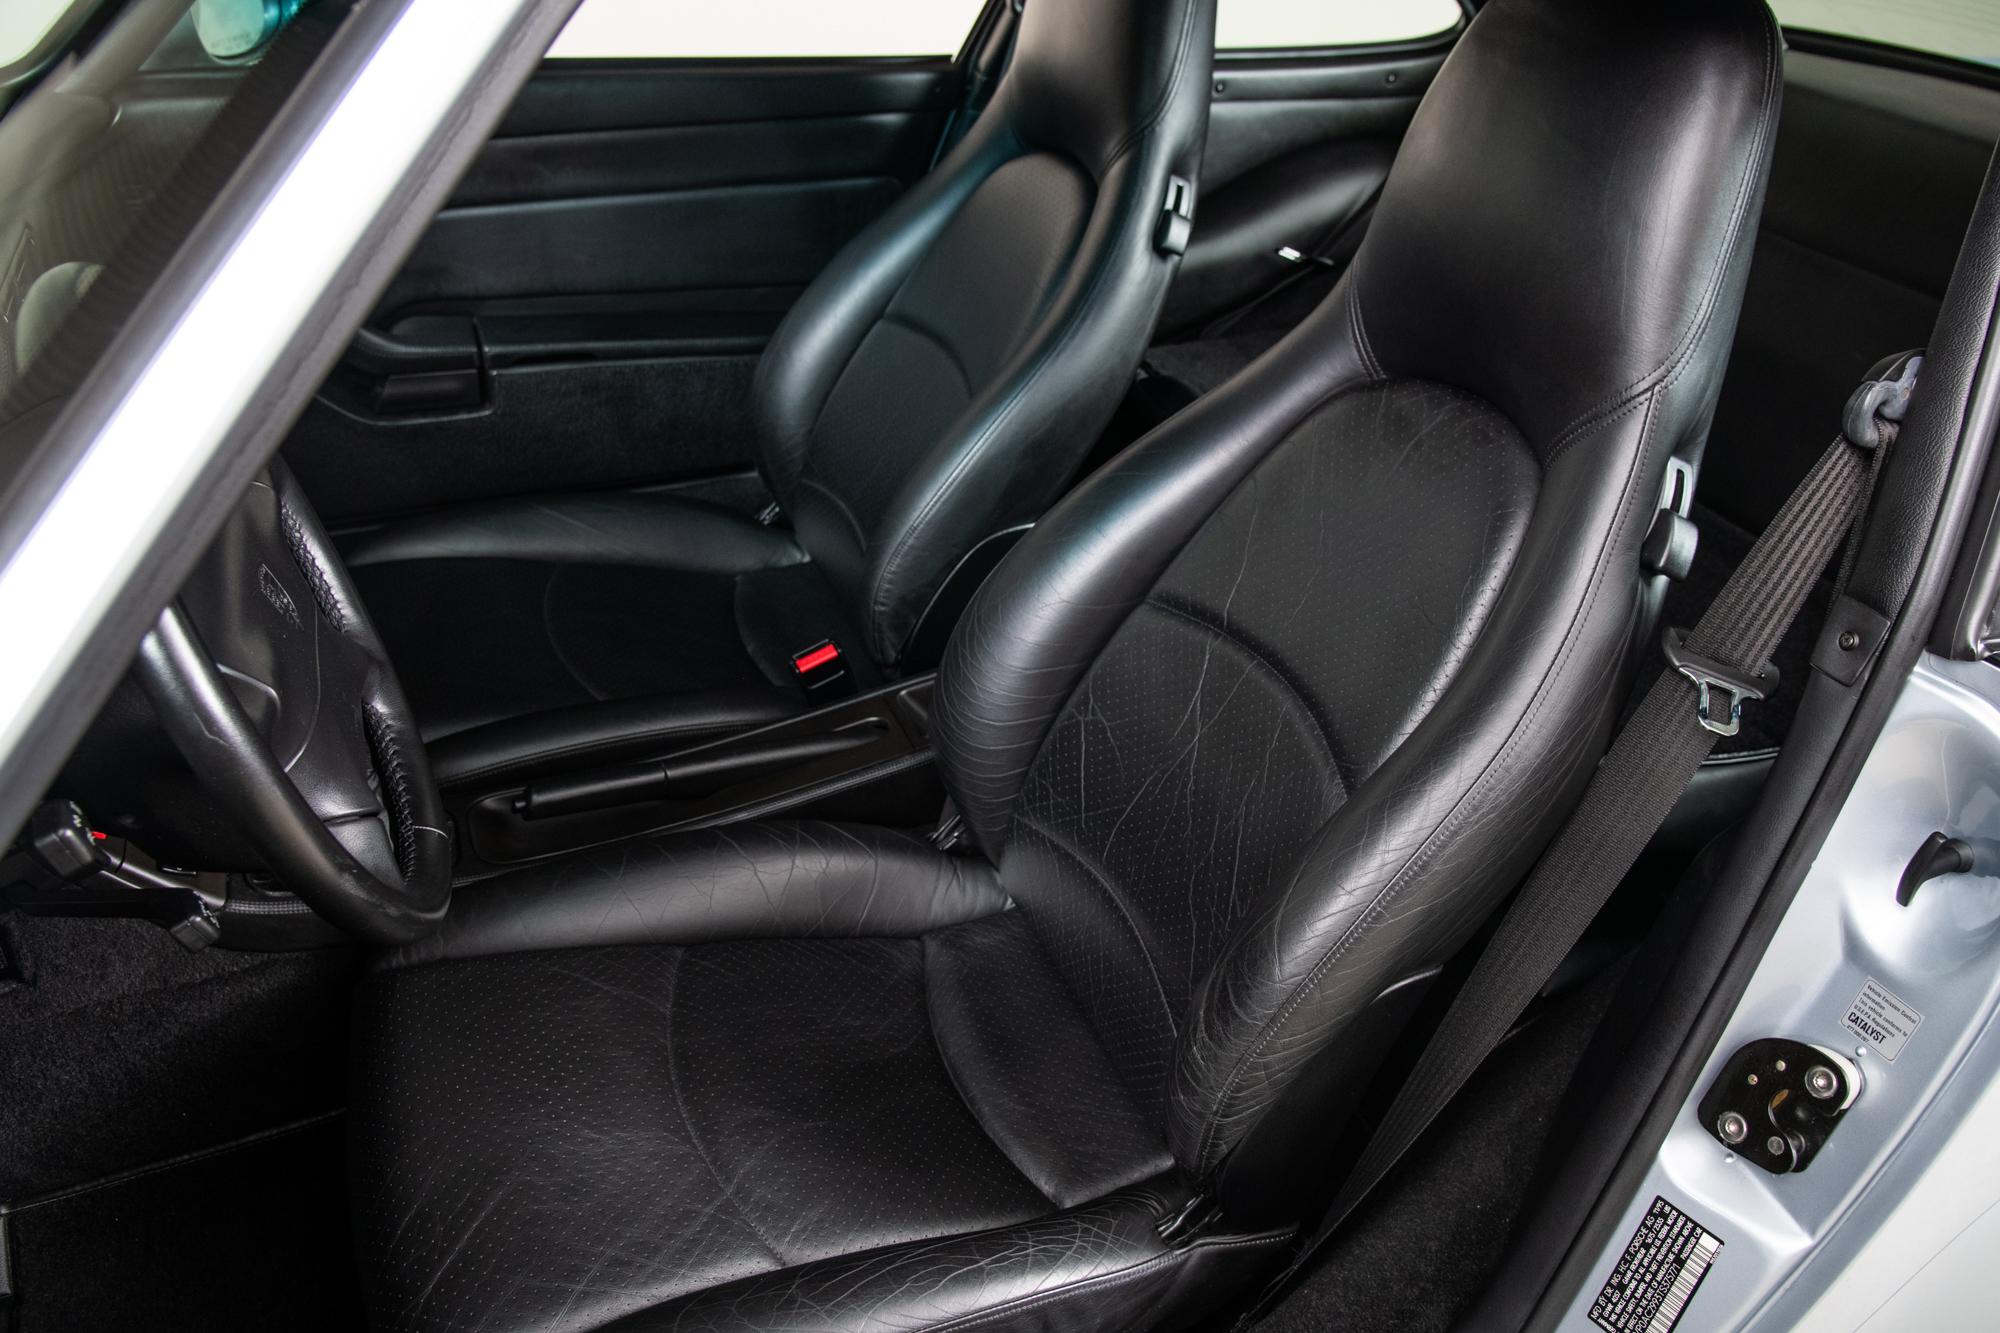 1996 Porsche 911 Turbo , POLAR SILVER, VIN WP0AC2993TS375771, MILEAGE 22779